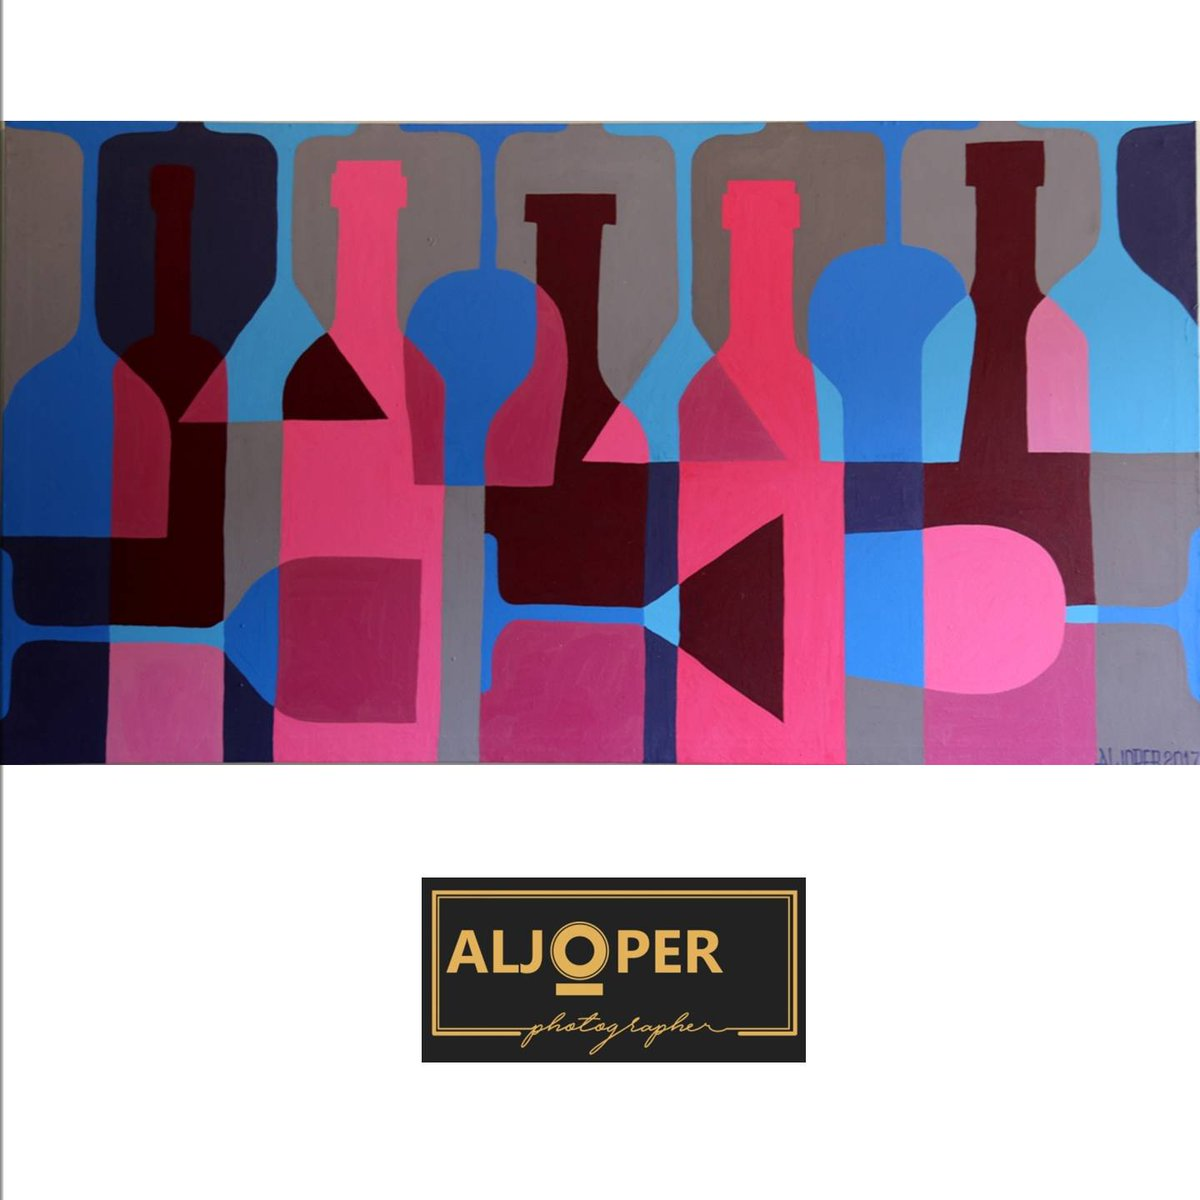 Obra de arte. Técnica: Acrílico sobre lienzo. @Aljoper #UnAlJoper #Aljoper #Aljoper2020 #ObraDeArte #ArteVenezolano #RegalaArte #CompraArte pic.twitter.com/bcEzXSUSMs